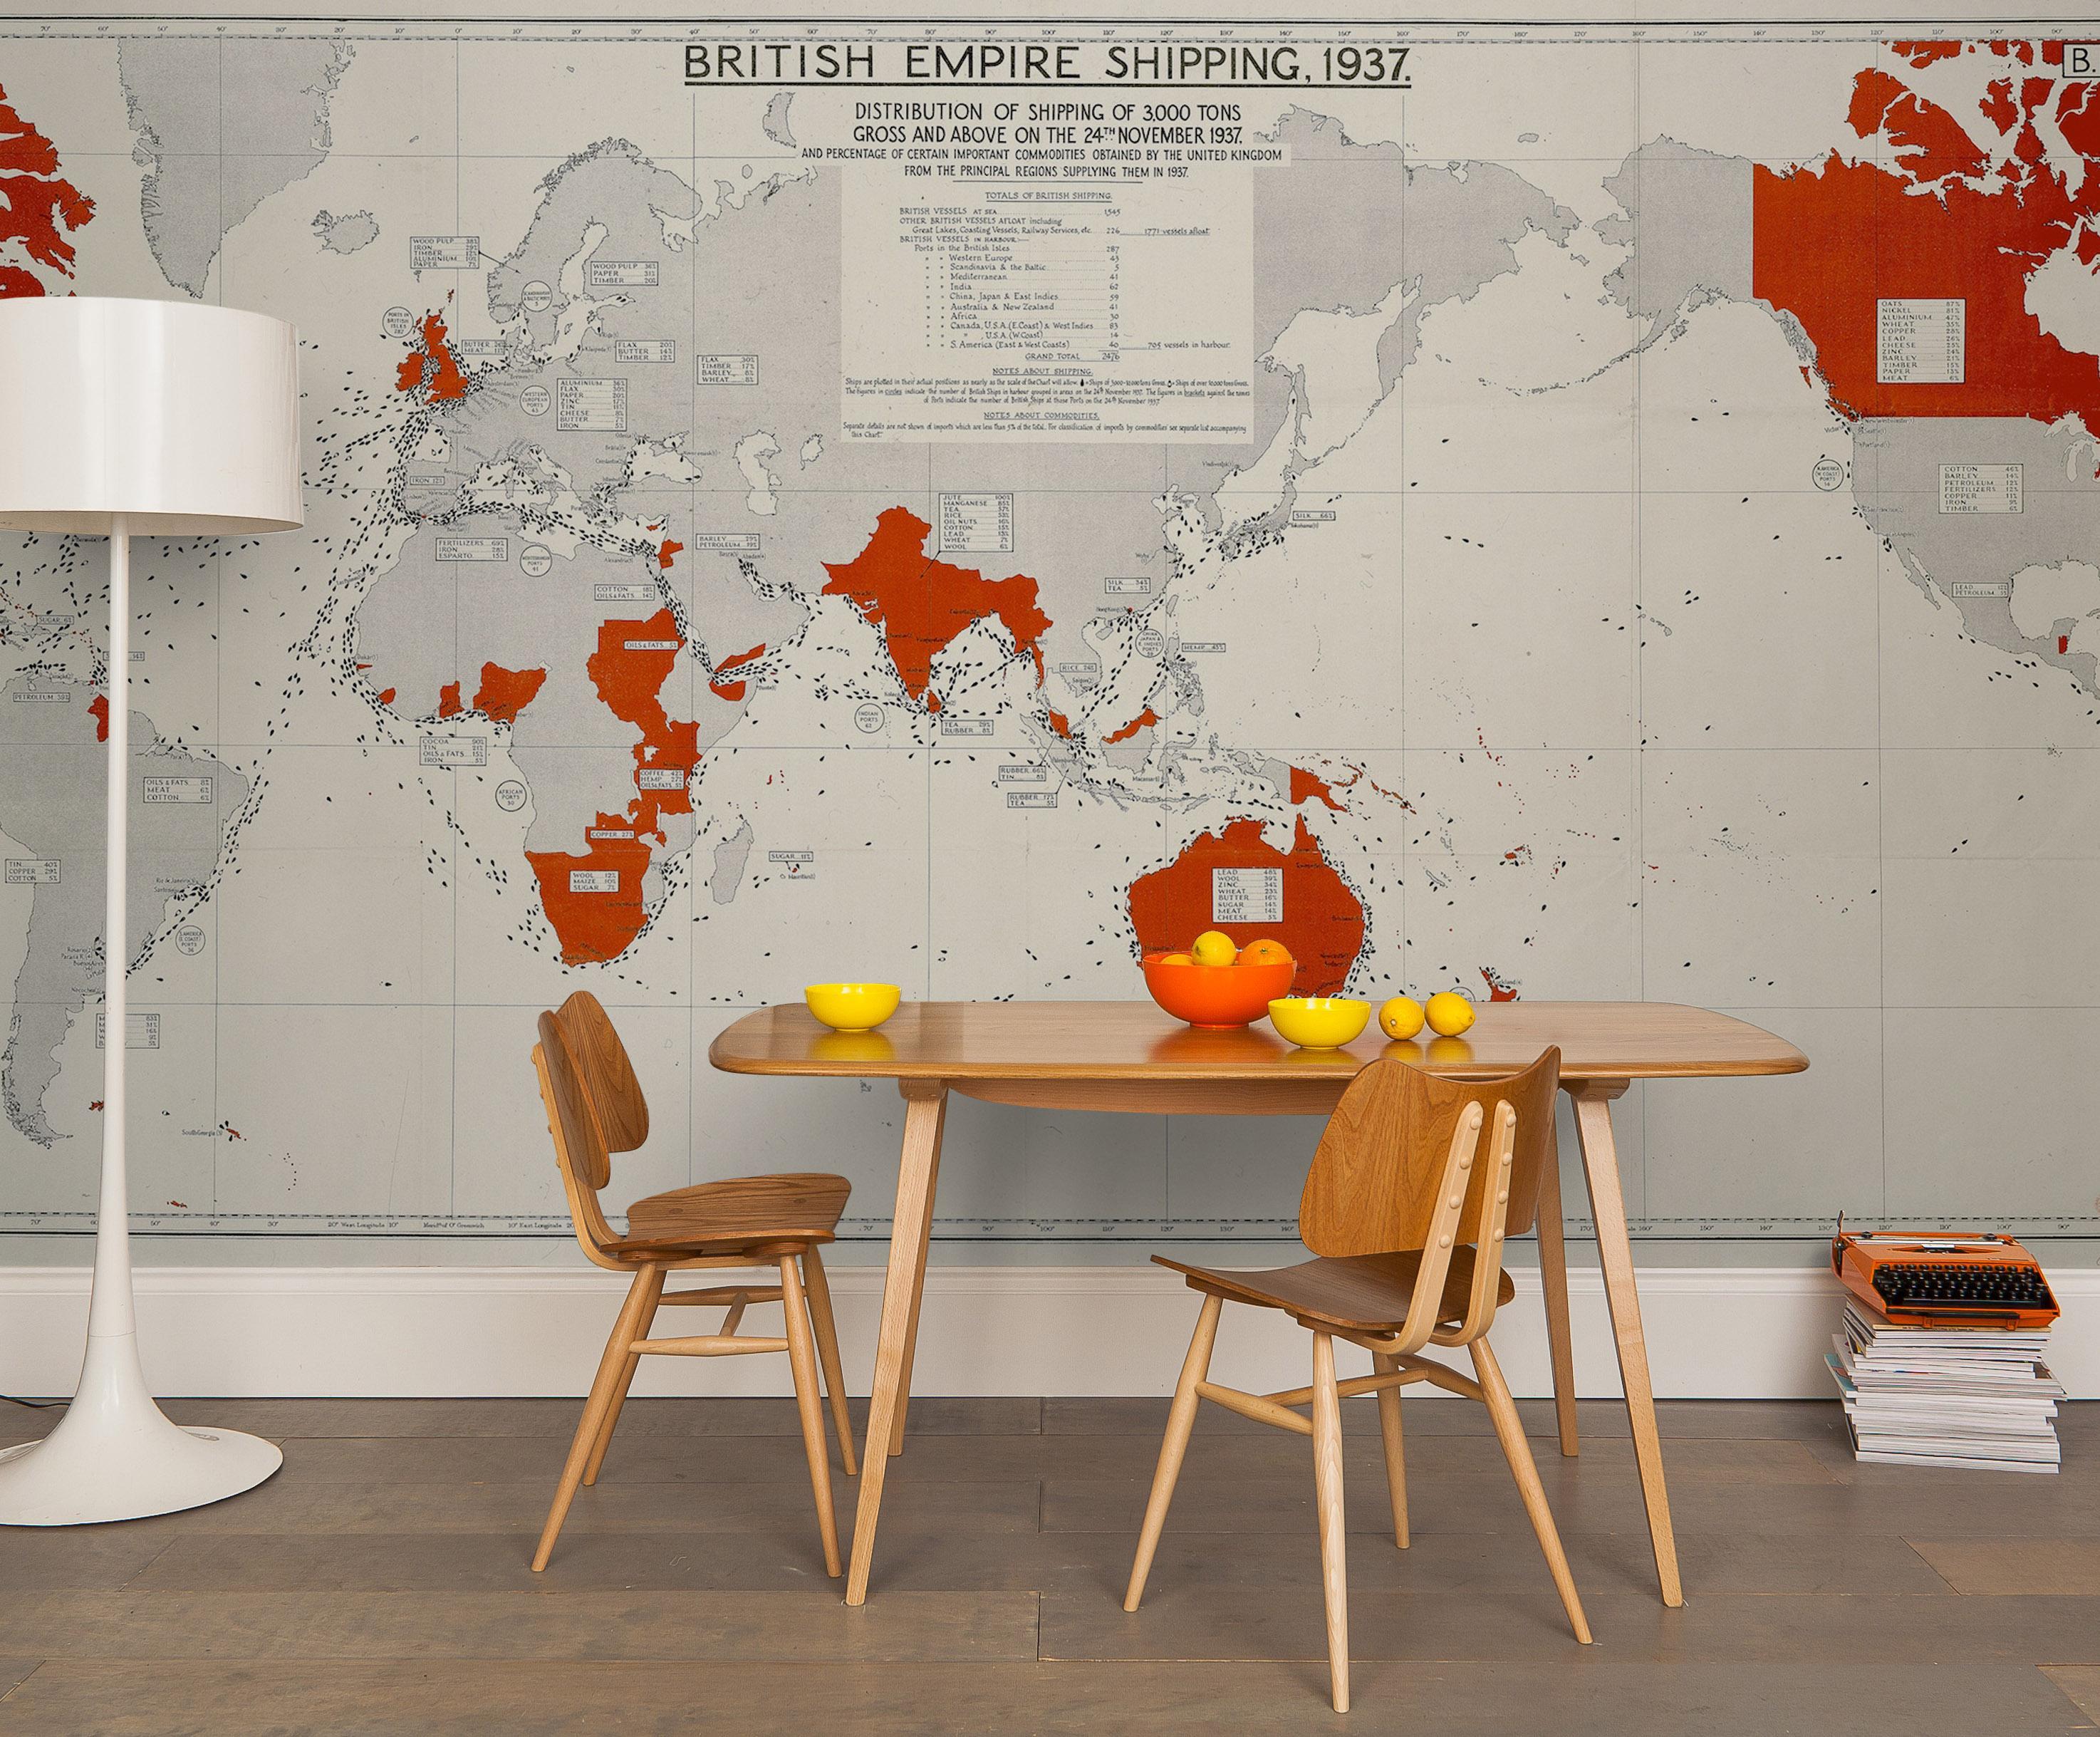 Großartig Stehlampe Esstisch Ideen Von Seekarte Als Wandgestaltung #stuhl #esstisch #wandgestaltung #stehlampe